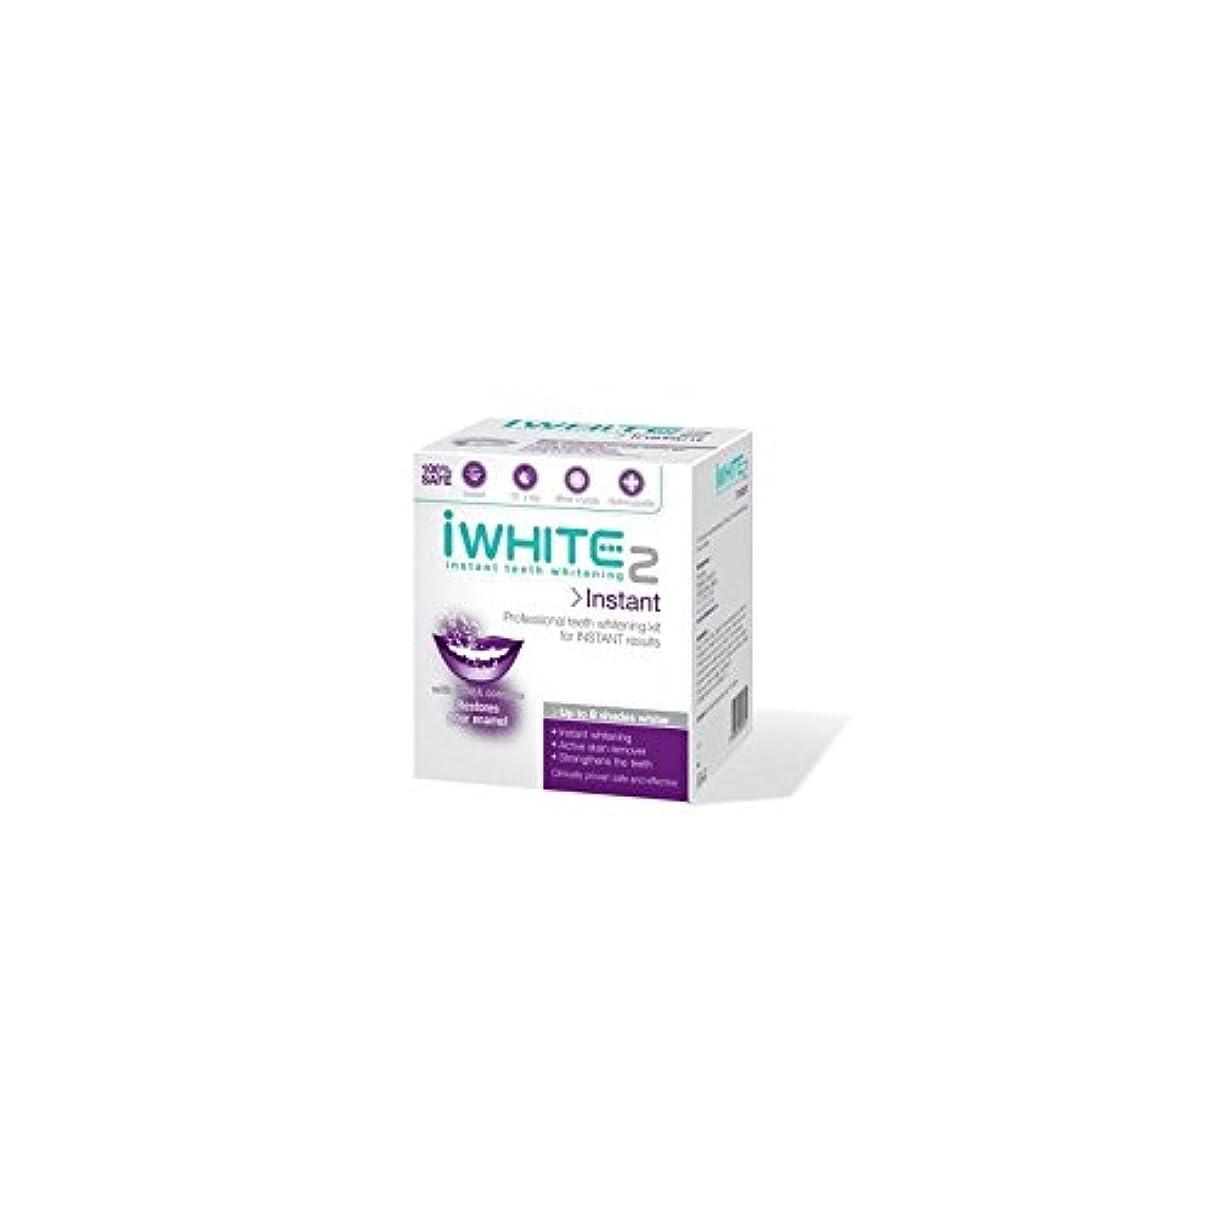 説明する死傷者排泄するインスタントキットを白く2本のプロ歯(10トレイ) x4 - iWhite Instant 2 Professional Teeth Whitening Kit (10 Trays) (Pack of 4) [並行輸入品]